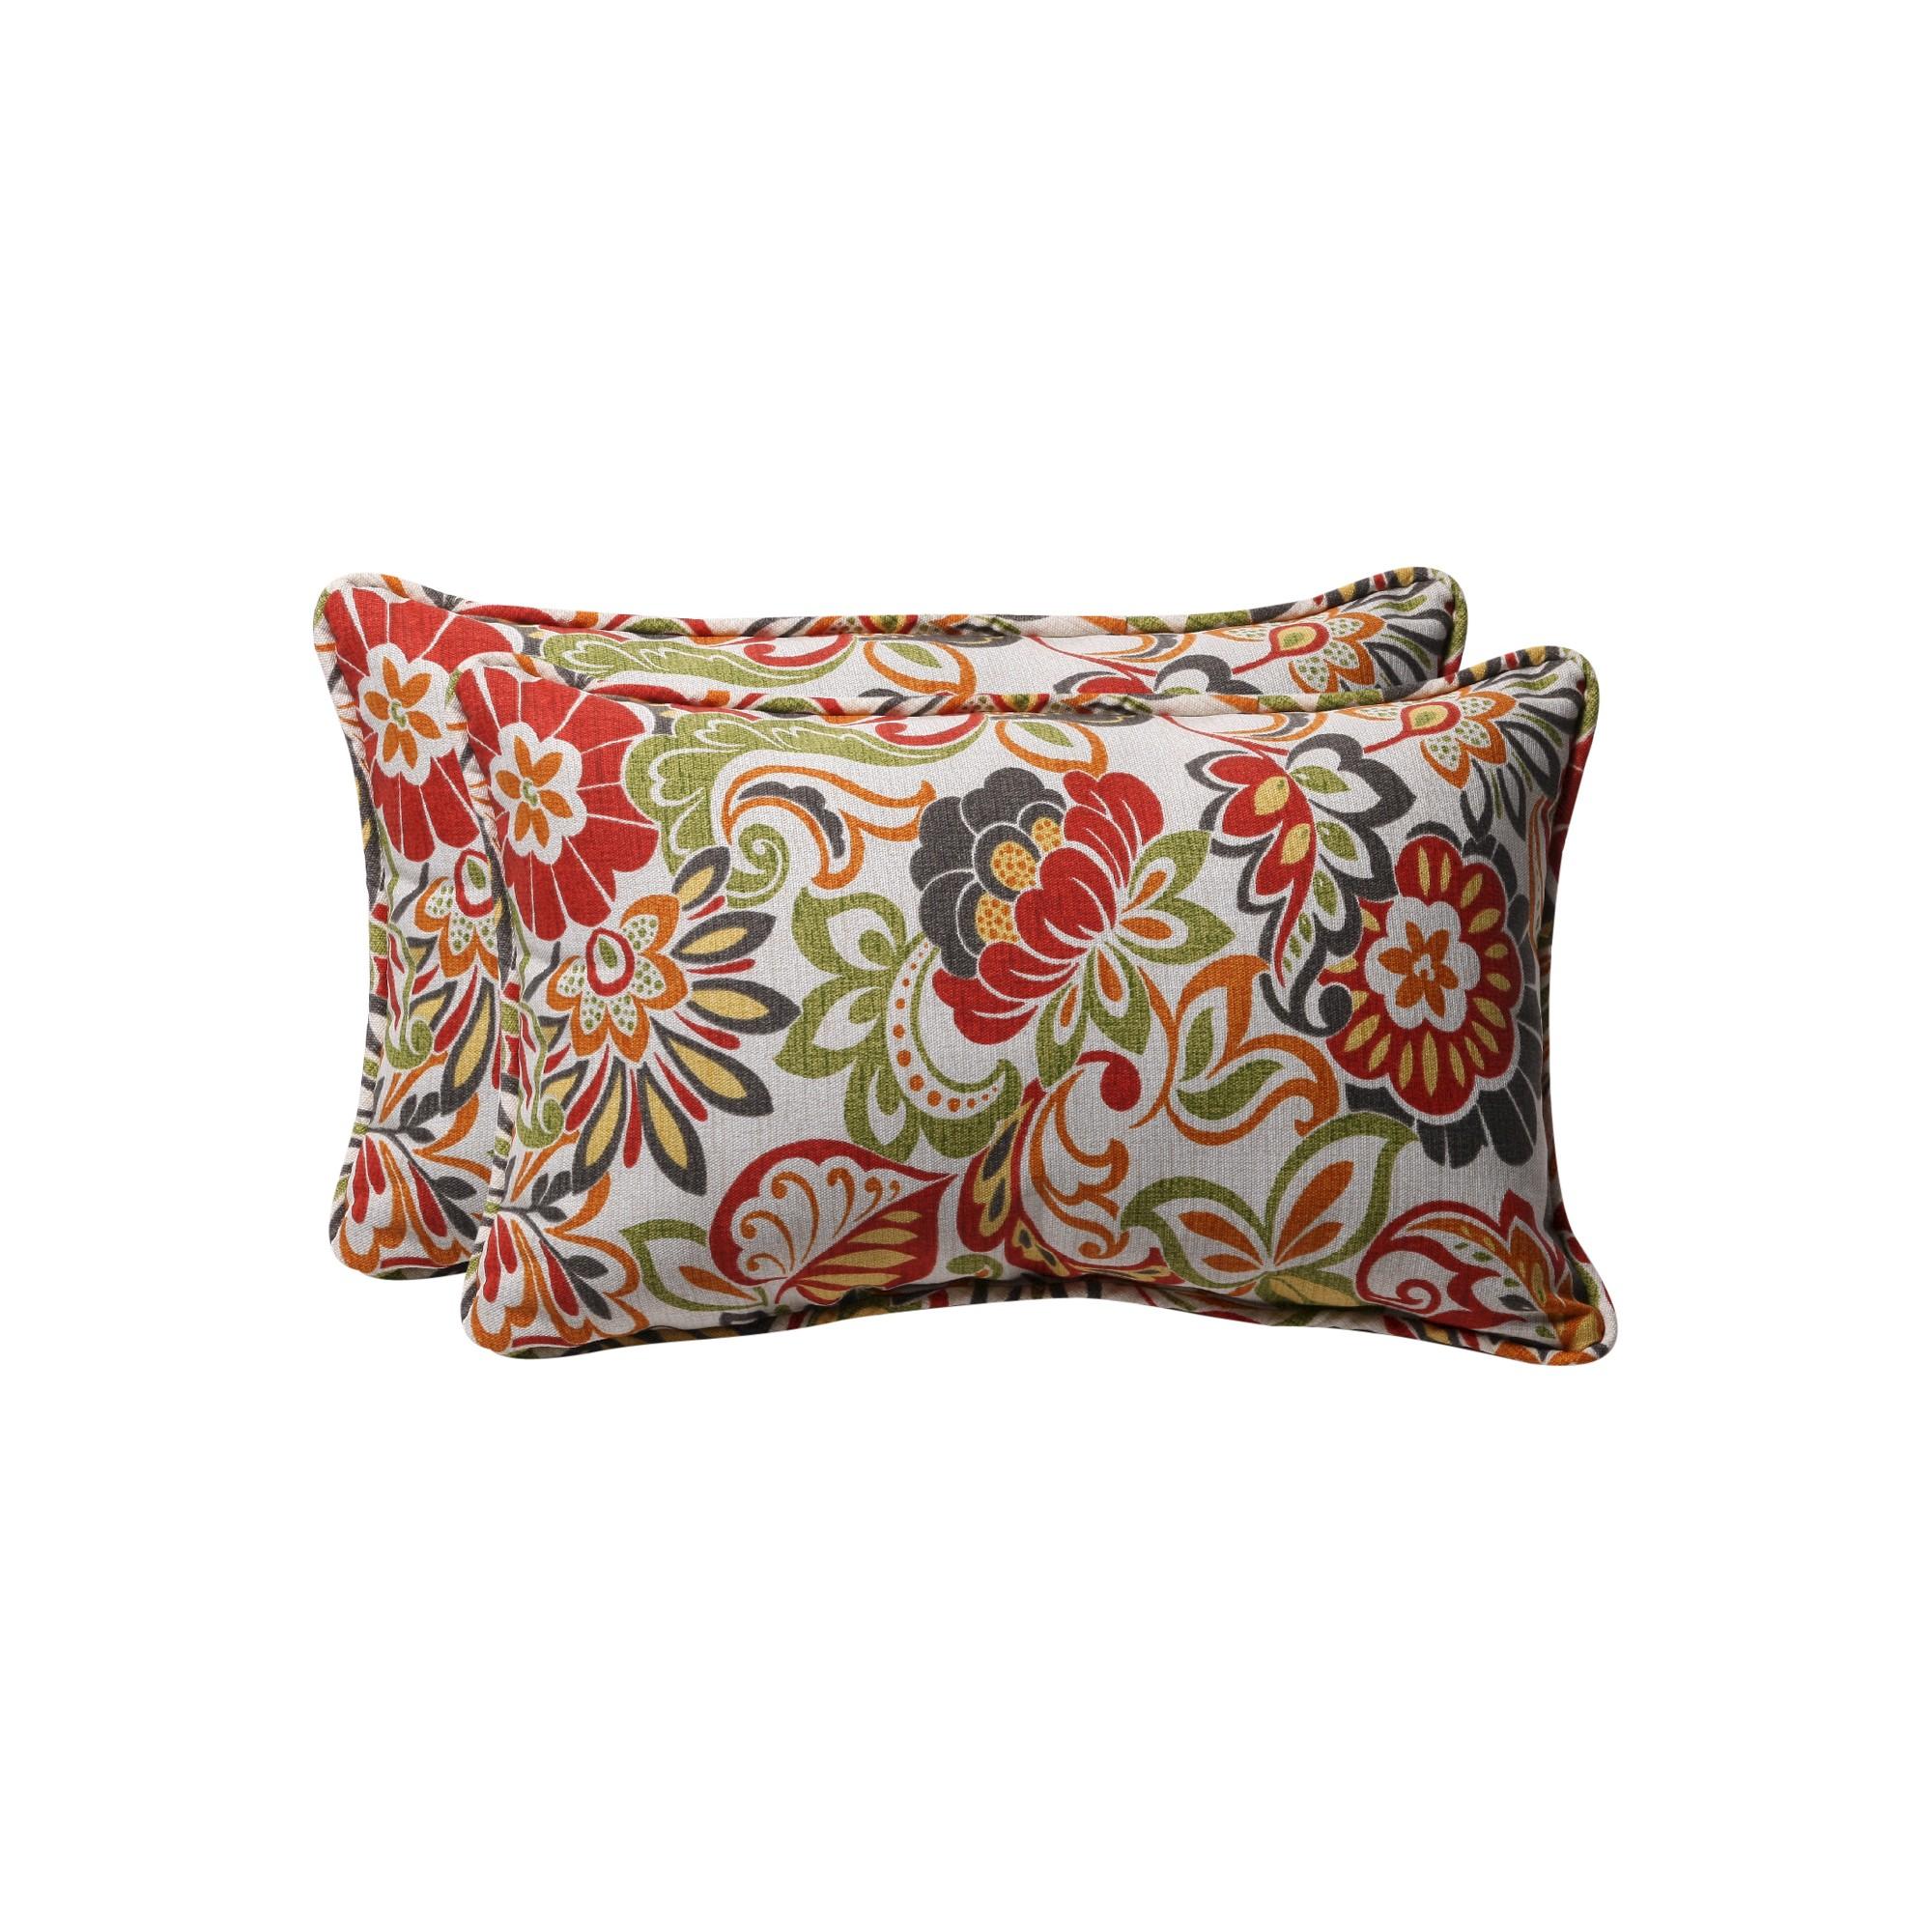 'Outdoor 2-Piece Lumbar Toss Pillow Set - Green/Off-White/Red Floral 18'', Red Green'